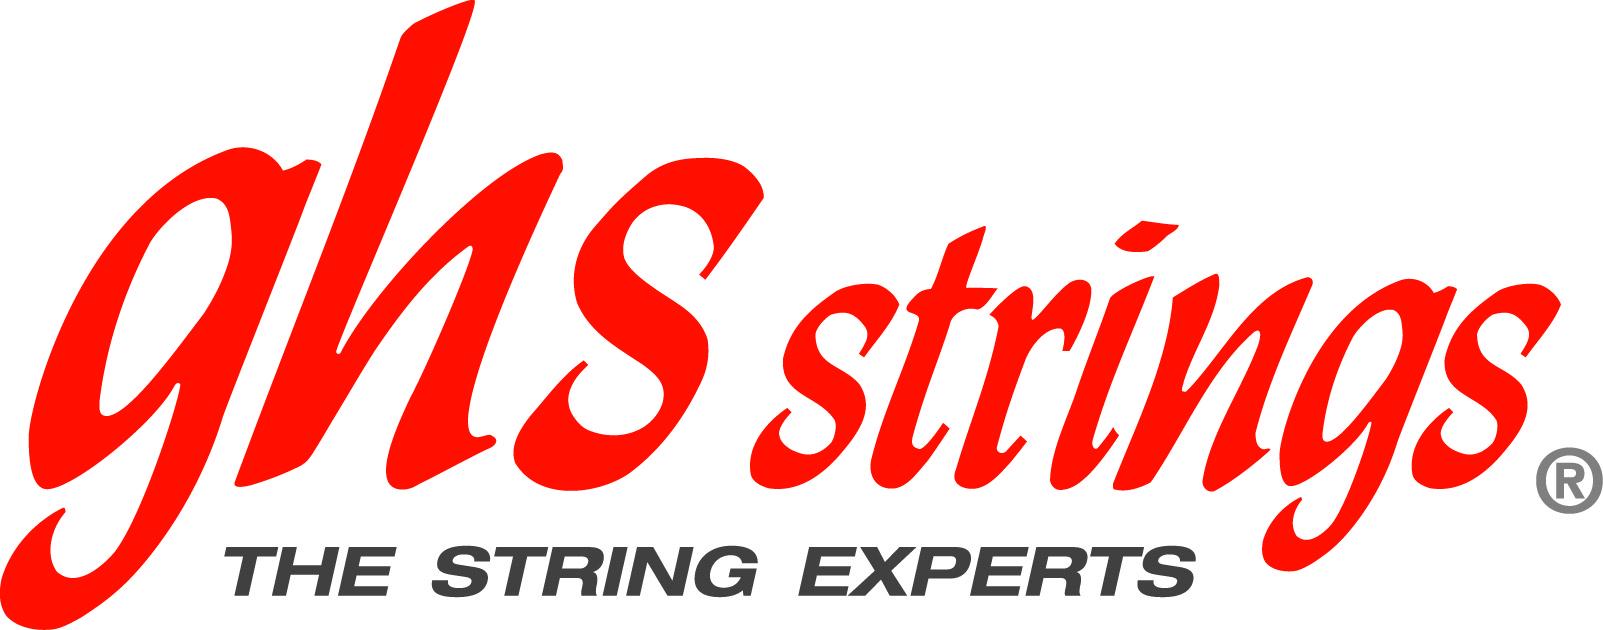 GHS STRINGS -